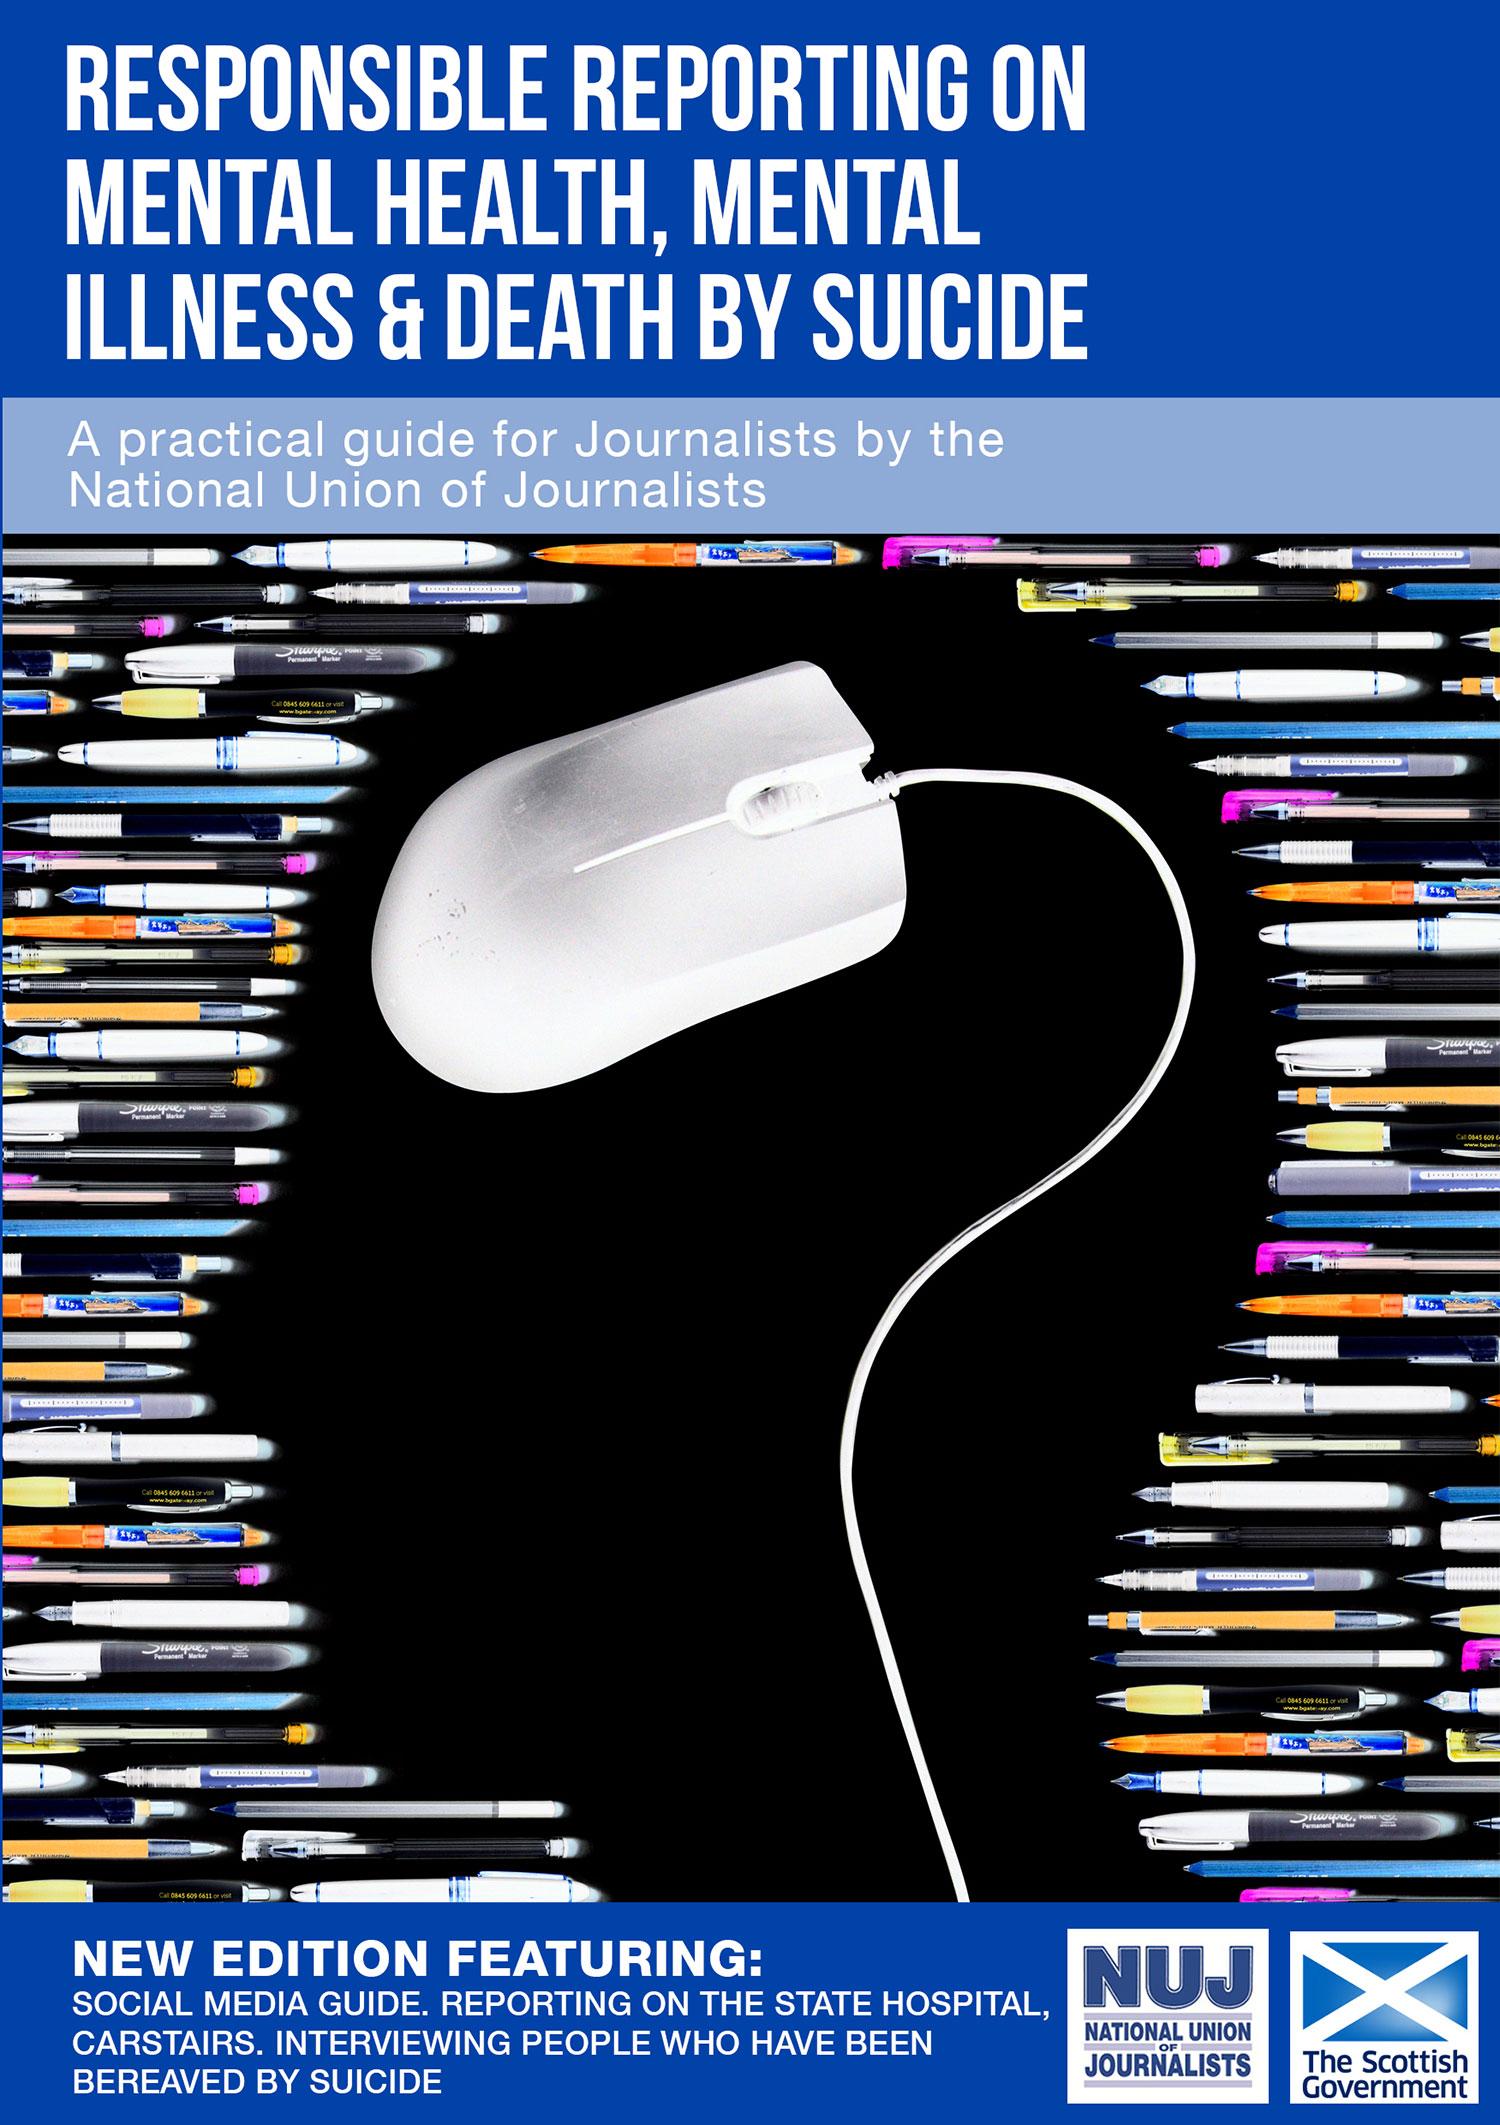 NUJ Mental Health Booklet